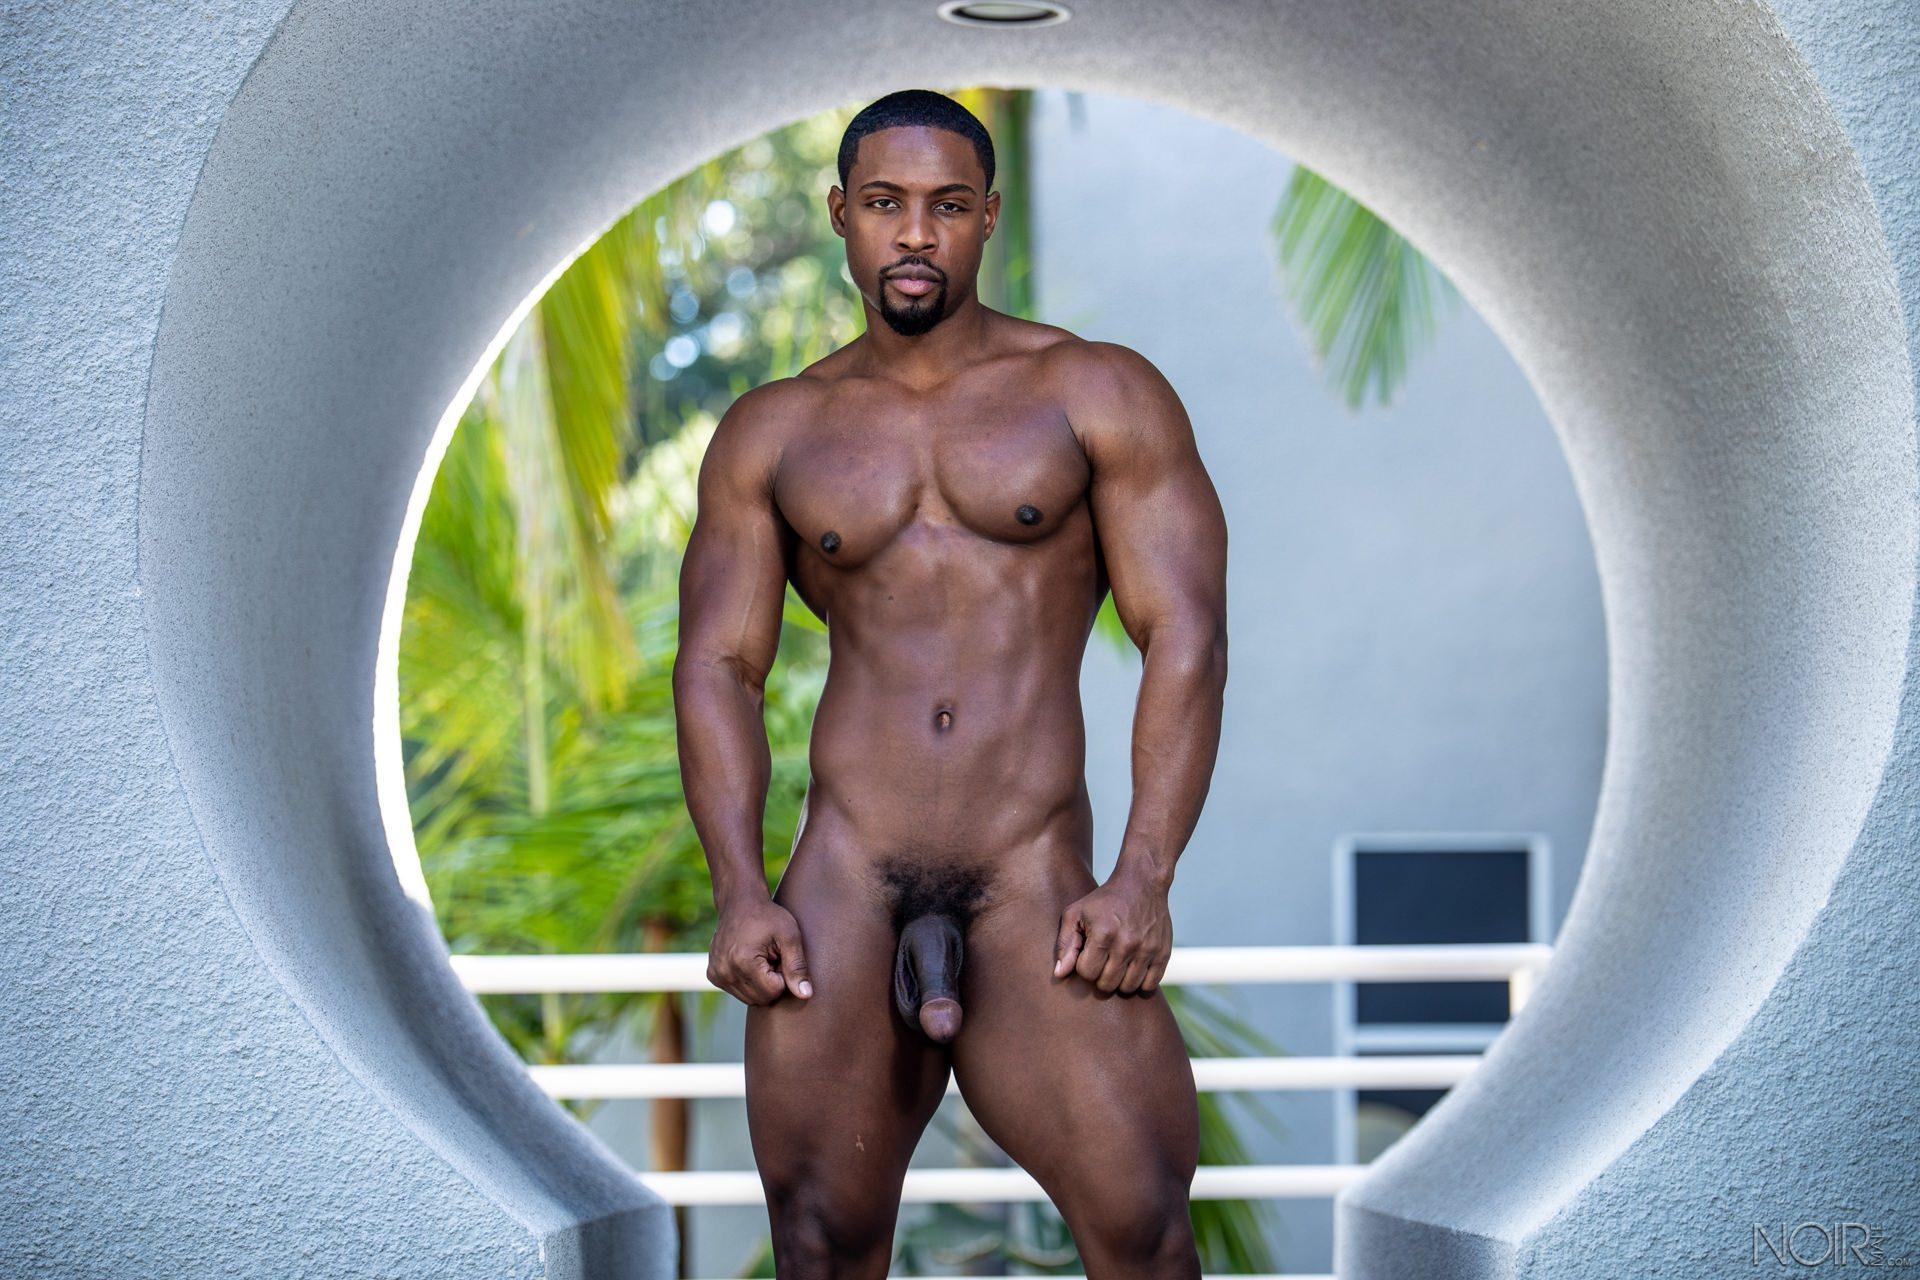 Deangelo jackson naked